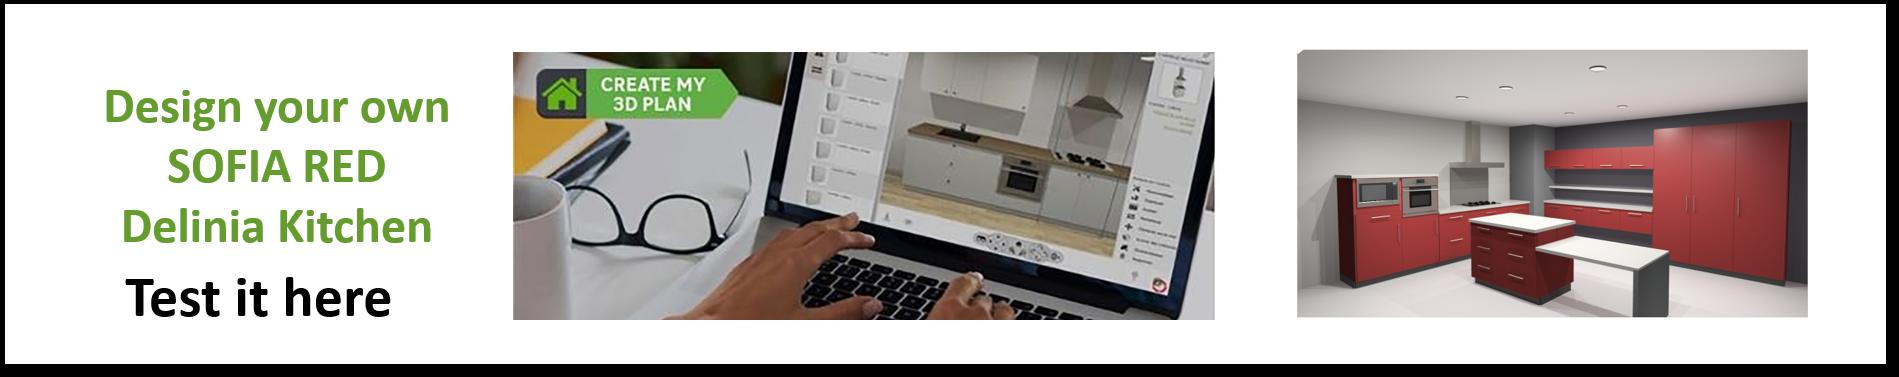 Create or Design your own Delinia Sofia Red Designer Kitchen